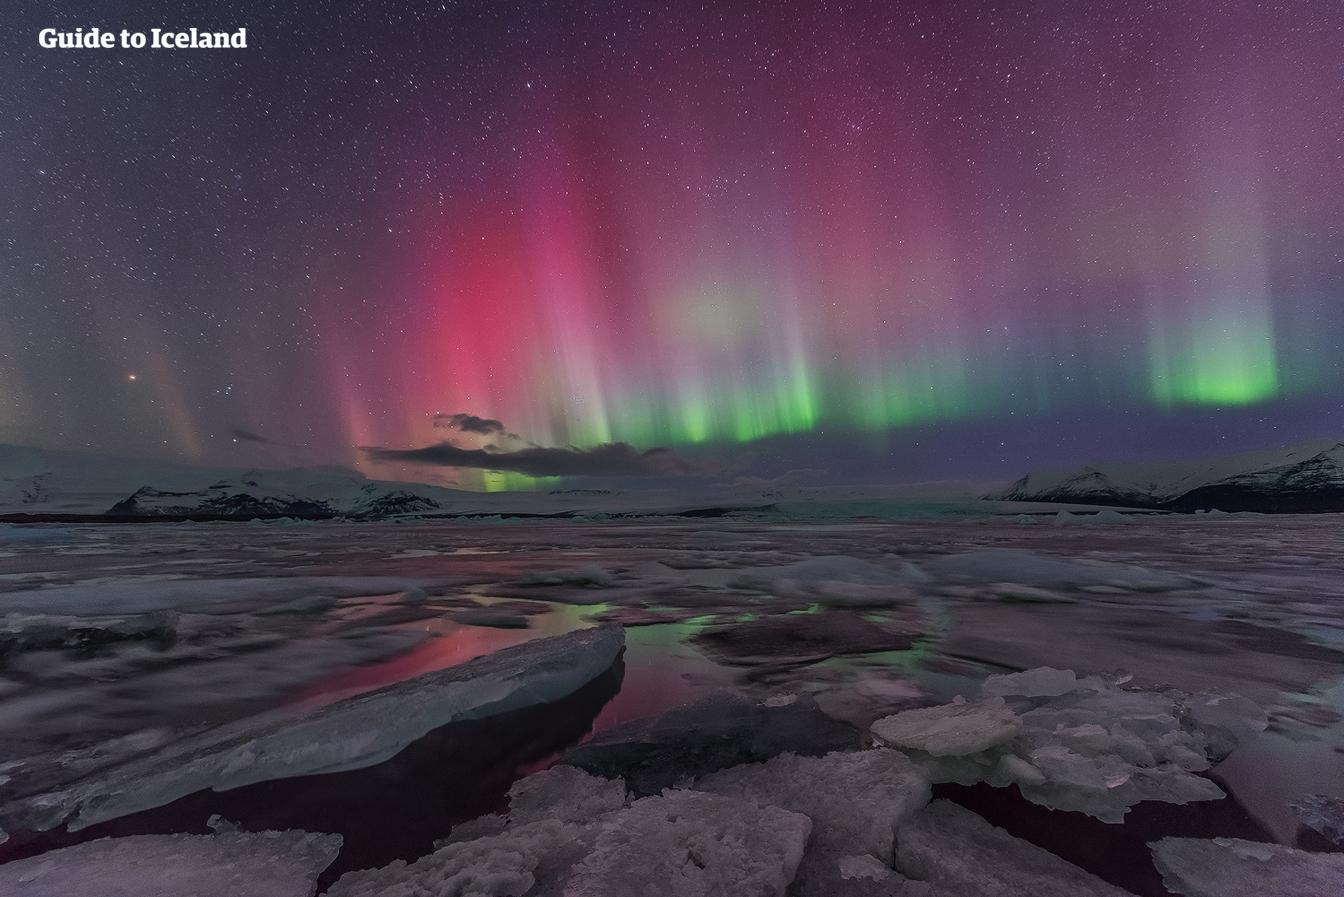 Vacances hiver 7 jours|Grotte de glace et aurores polaires - day 5